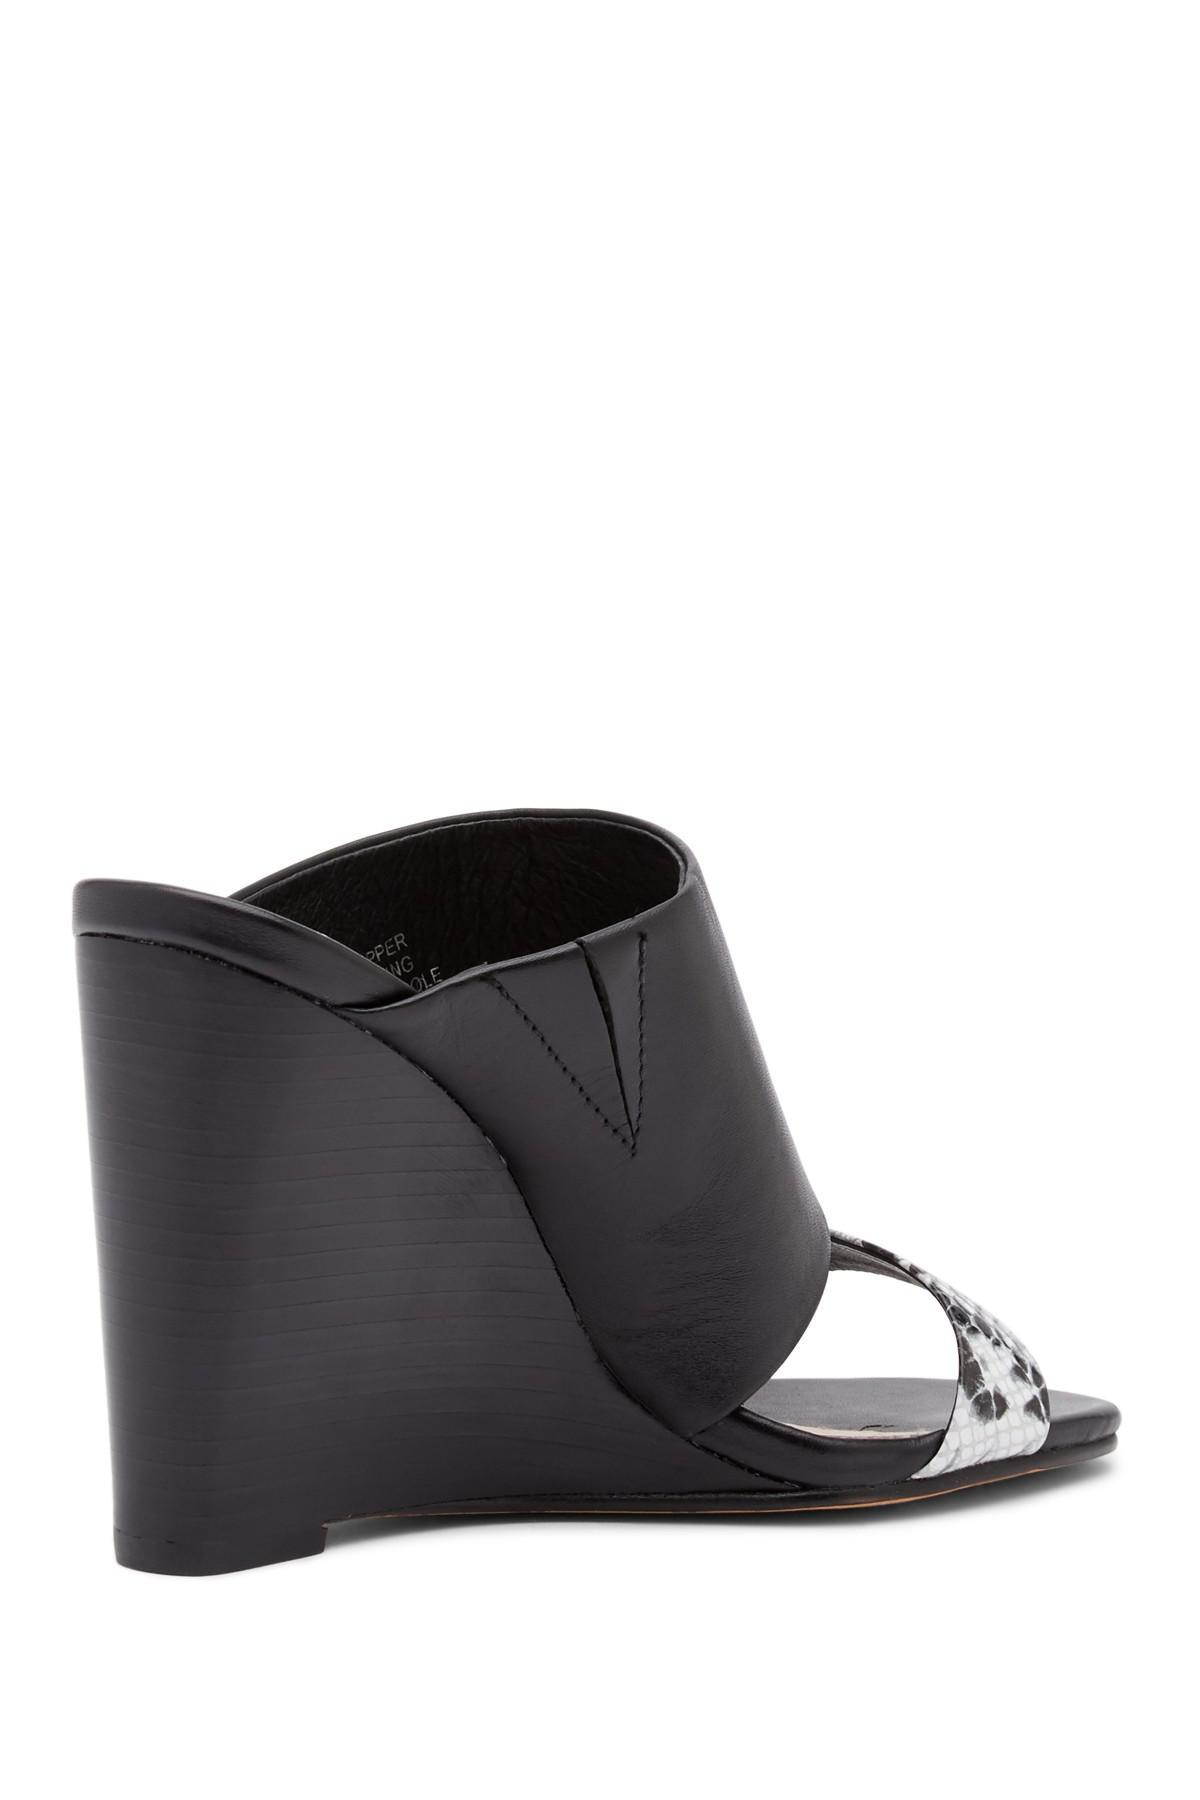 3a0d5d5dde Andrew Stevens Geneva Wedge Heel Sandal in Black - Lyst